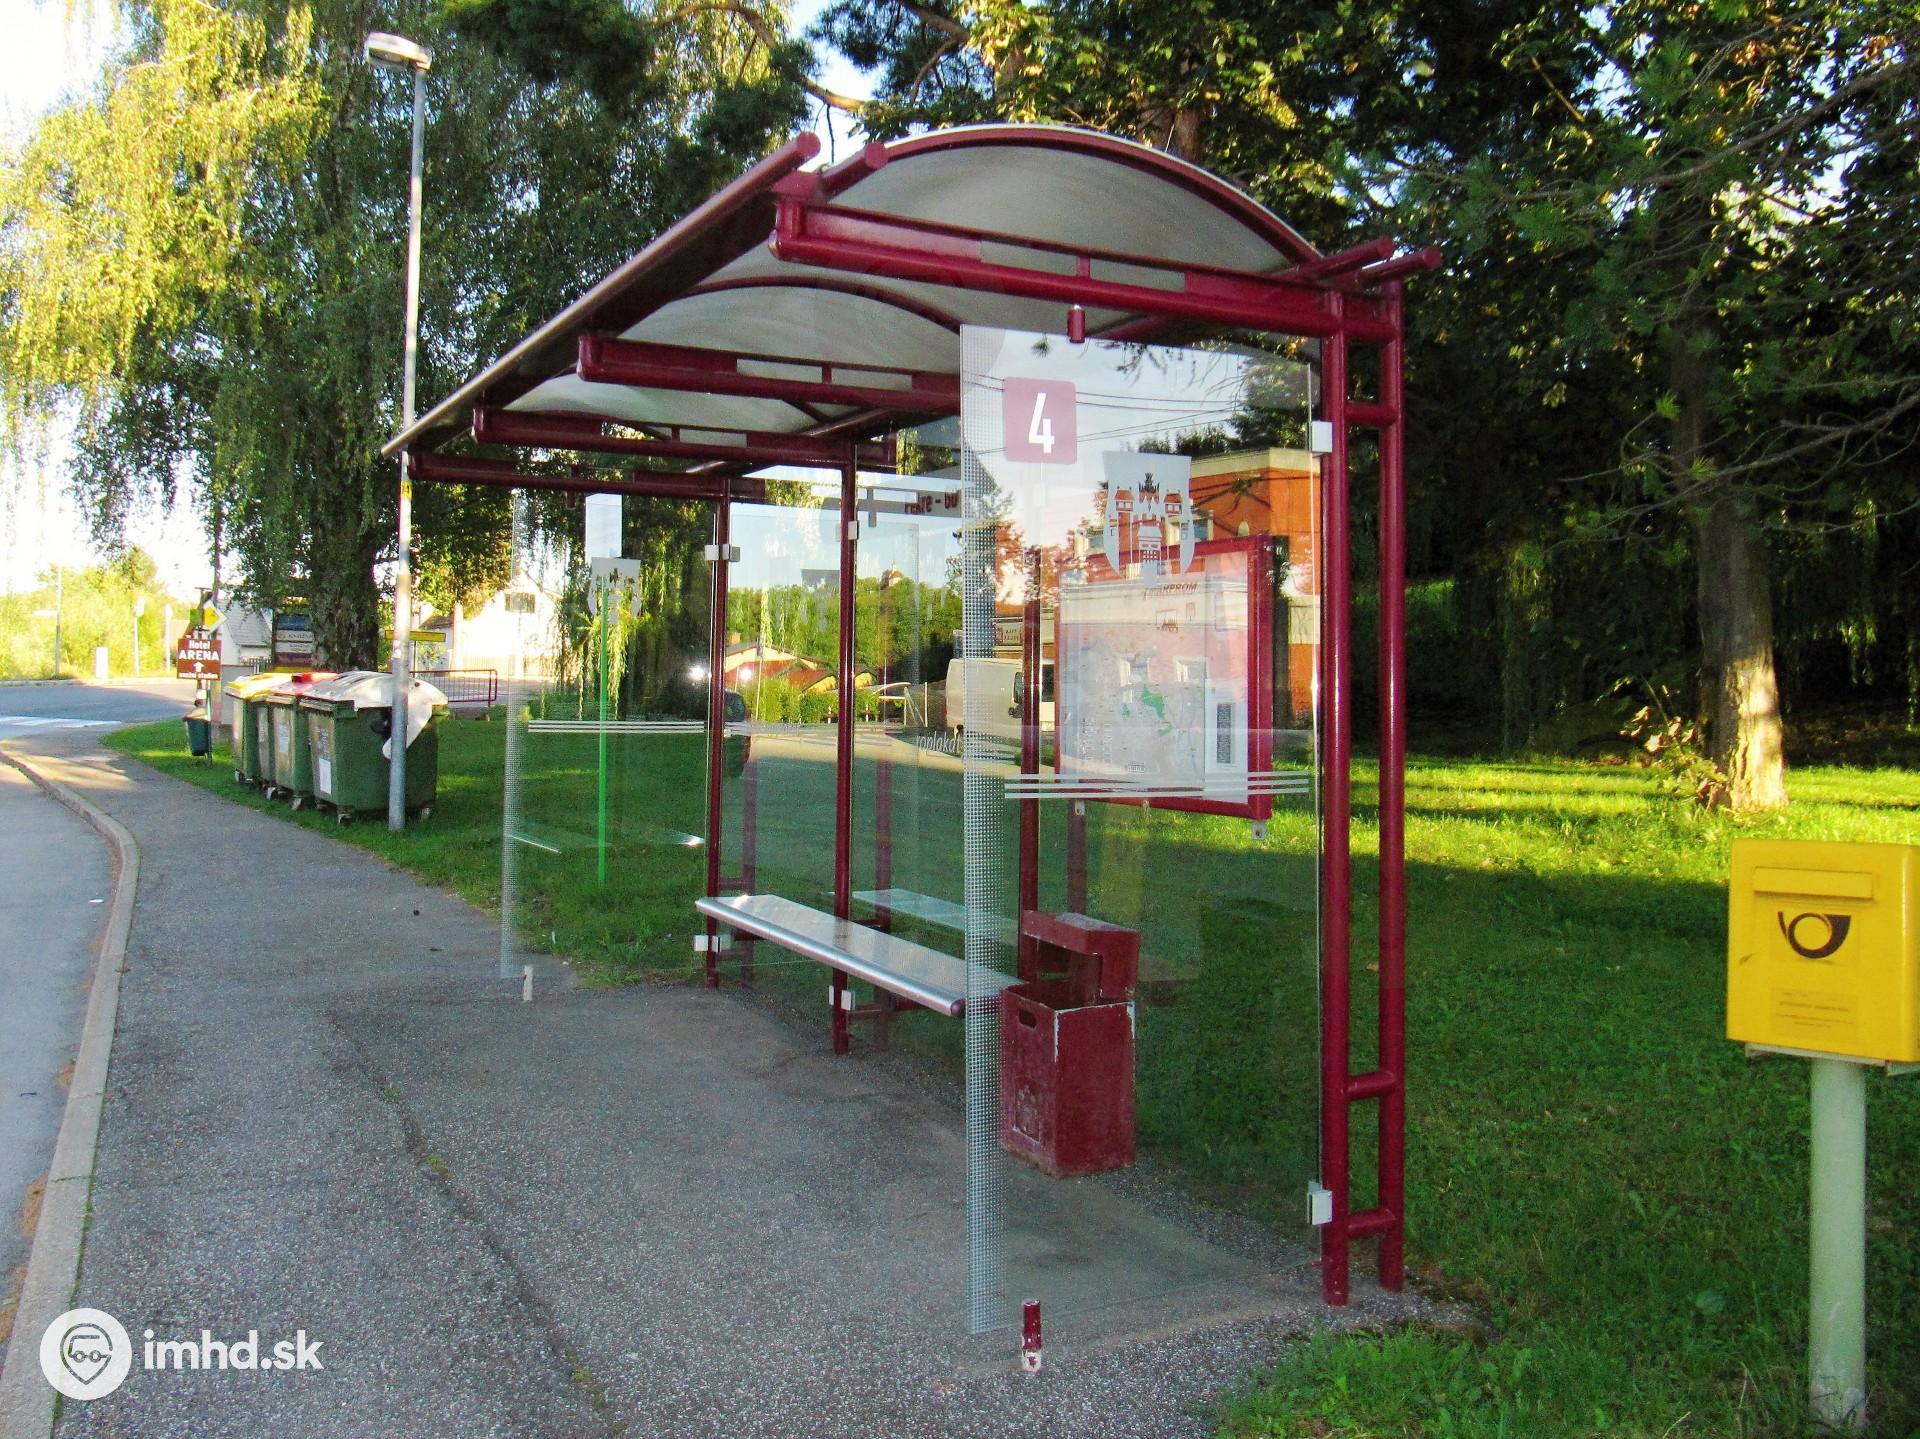 Route 4 Lackova Cesta Zastavka Pekre Gasilski Dom Imhd Sk Hlohovec